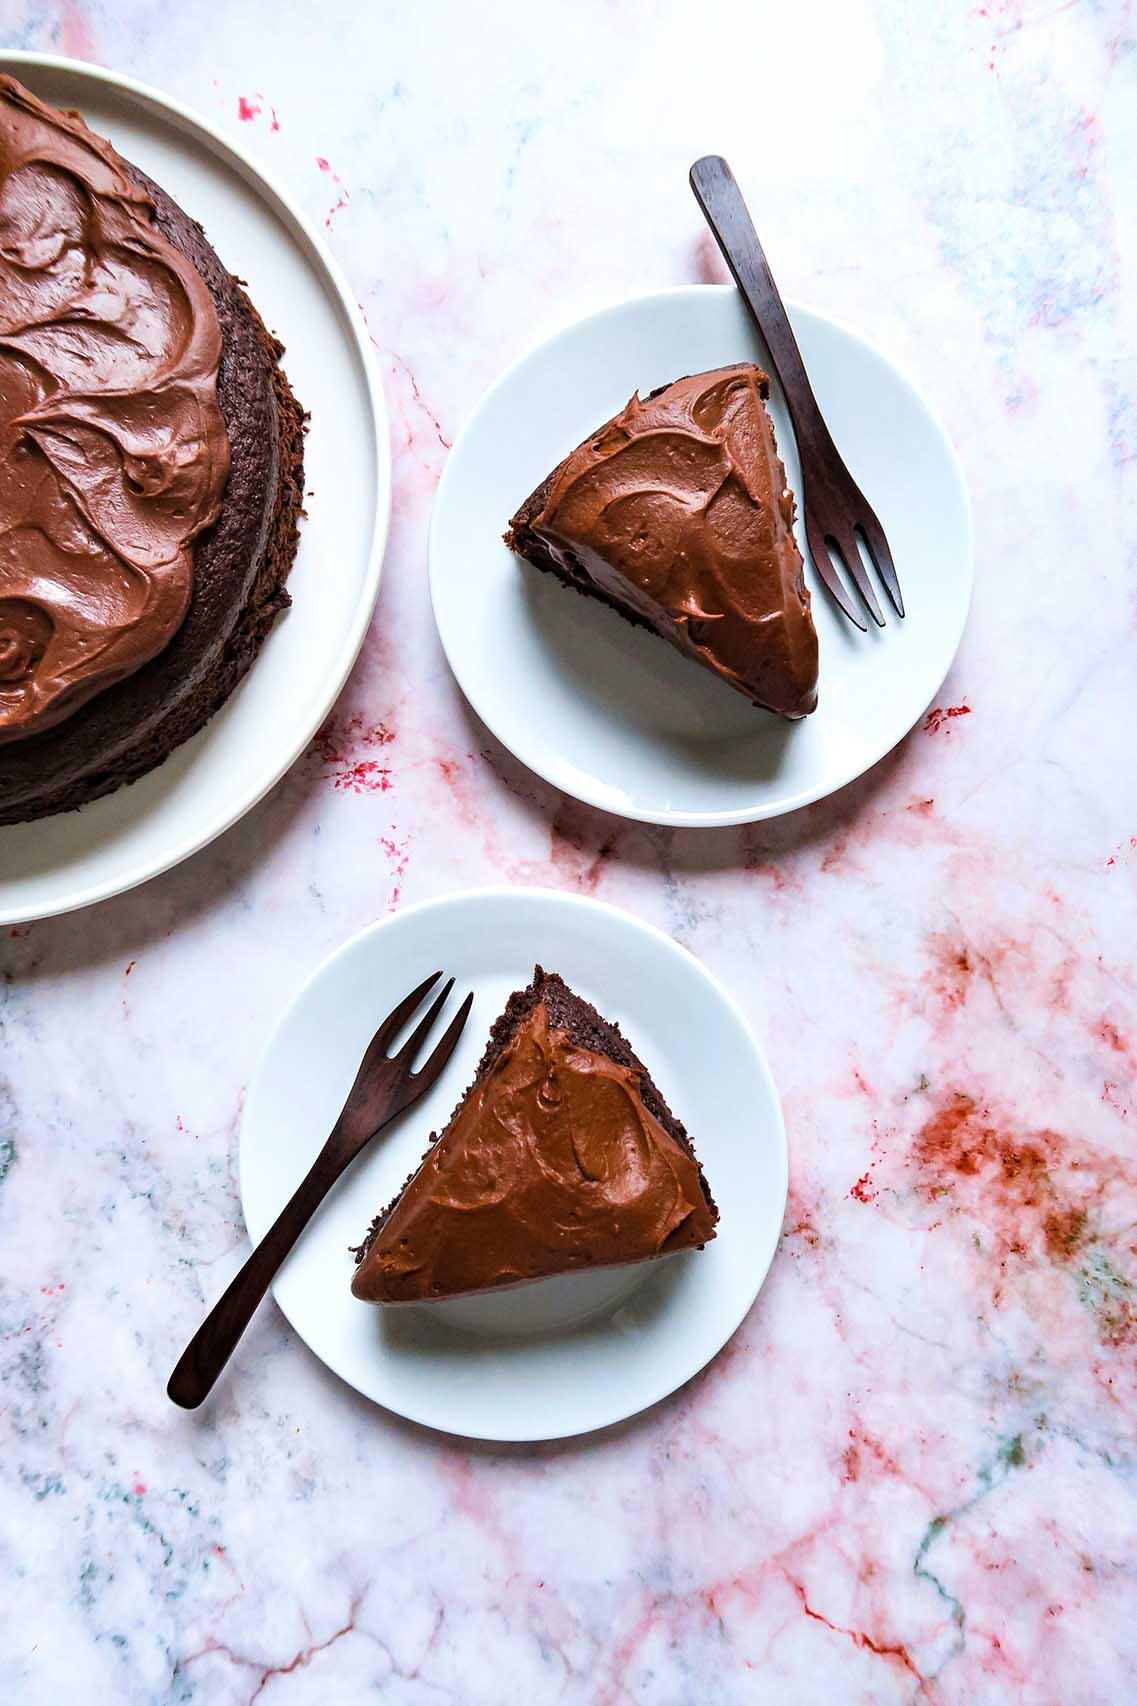 Chocoladetaart met frosting